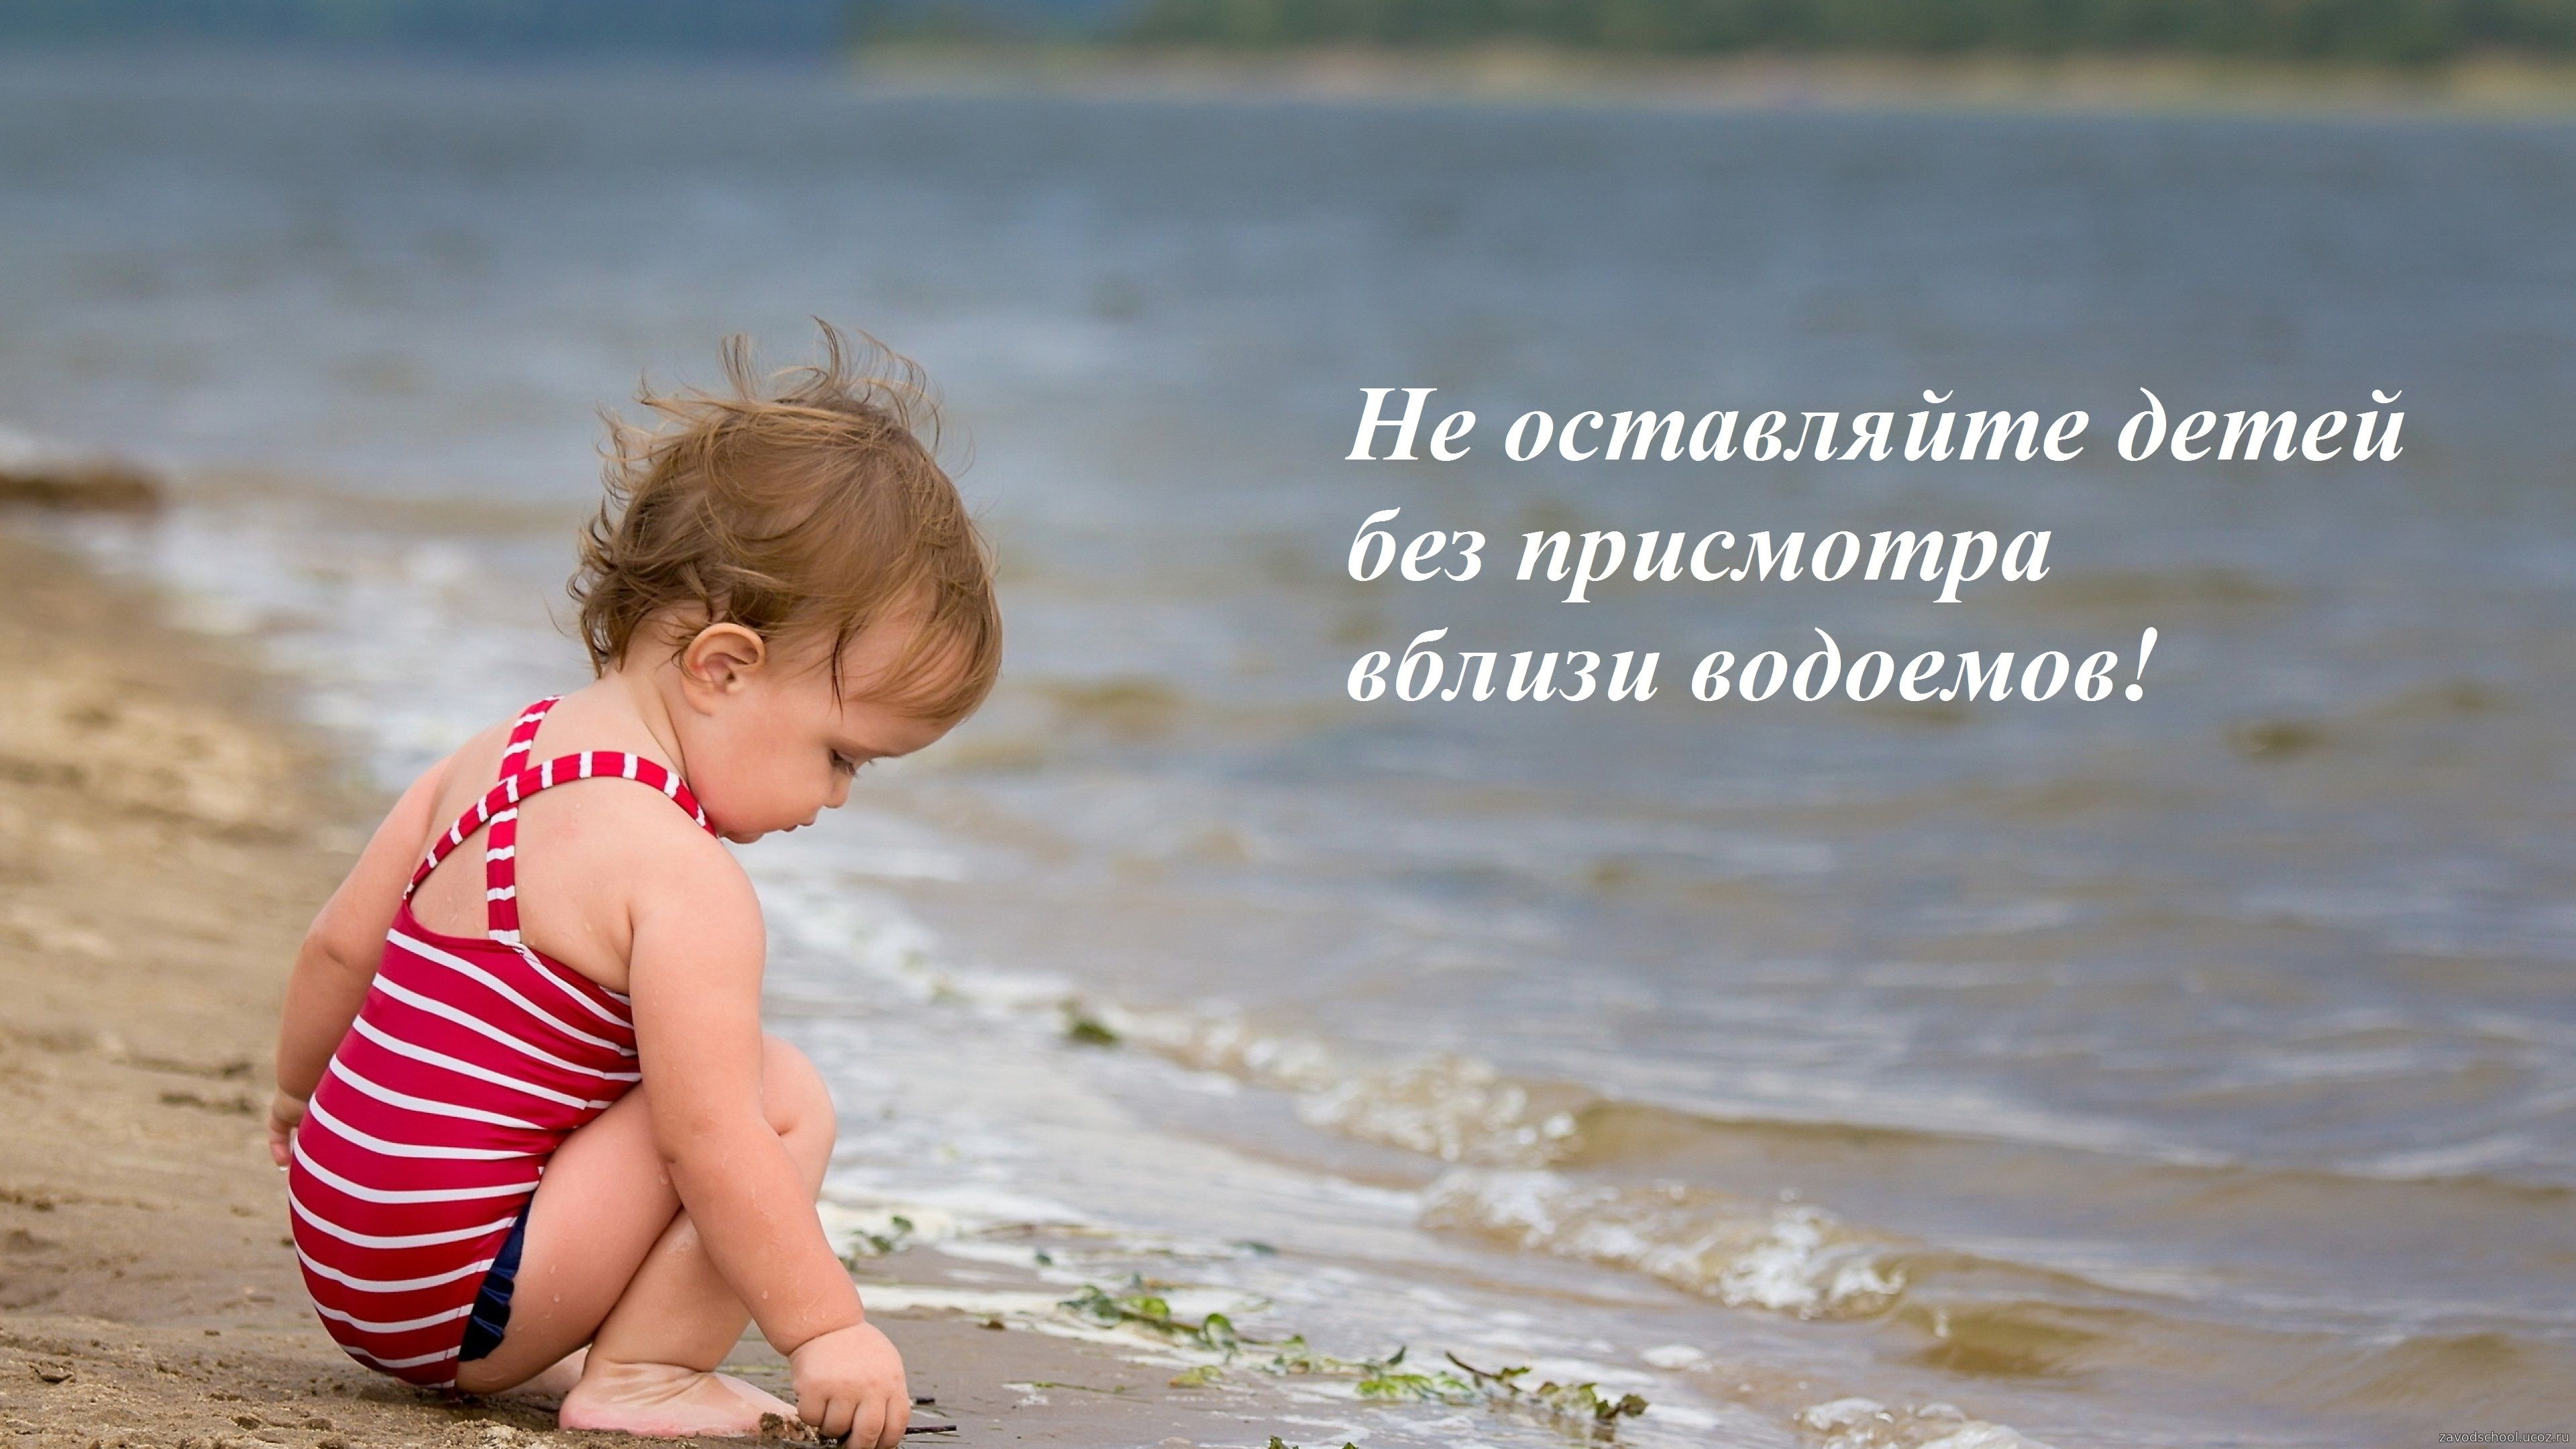 Не оставляйте детей без присмотра вблизи водоемов!